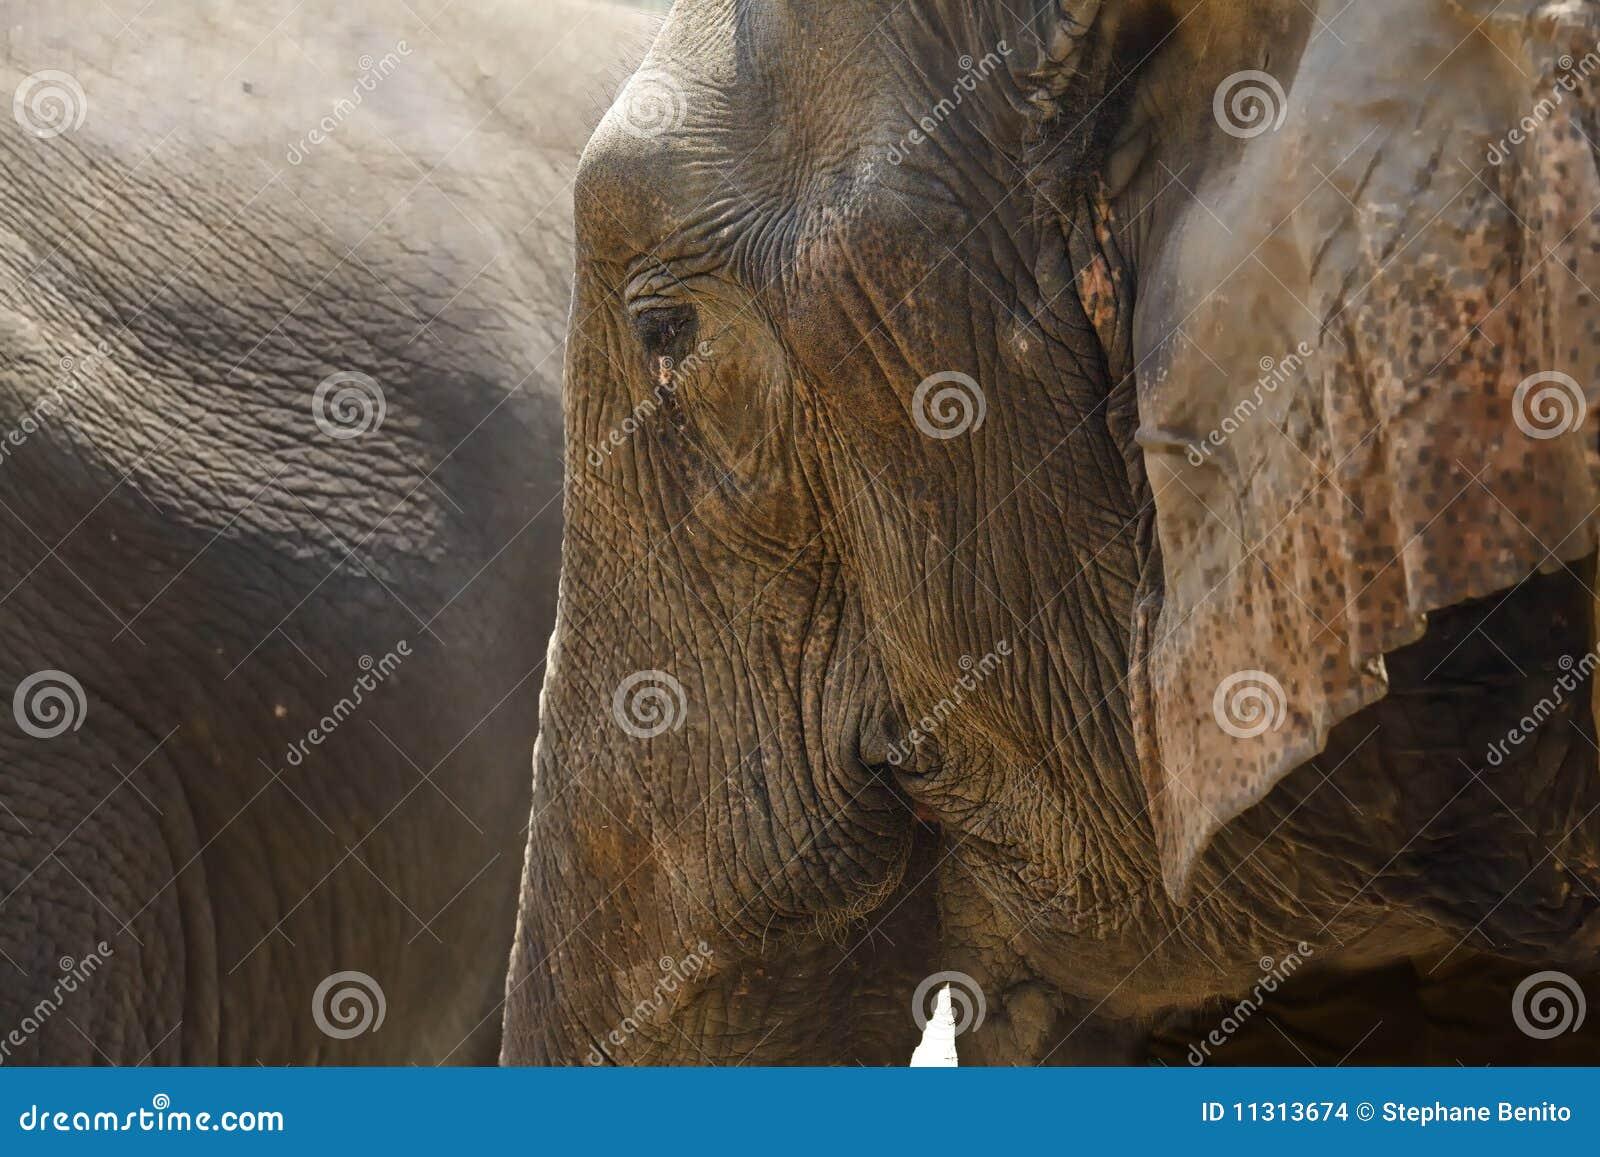 Tête d éléphant de profil de plan rapproché.